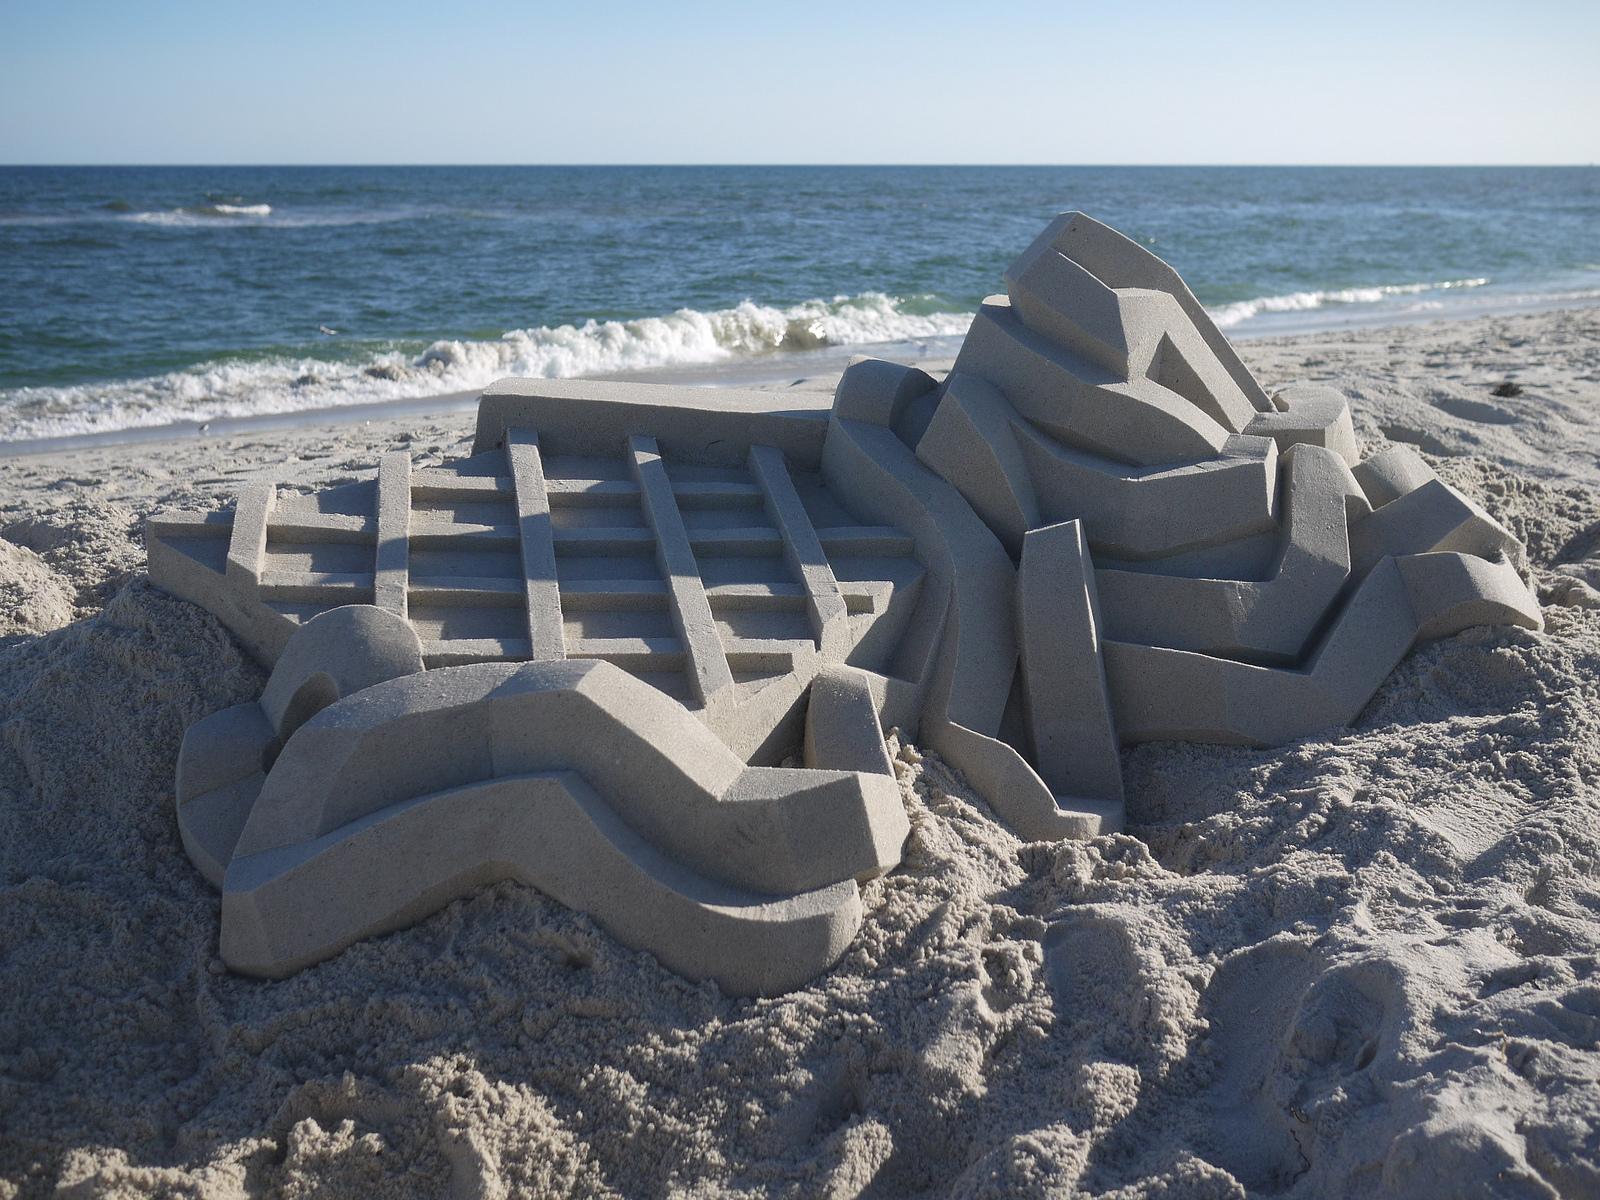 sand-castles-calvin-seibert- 15